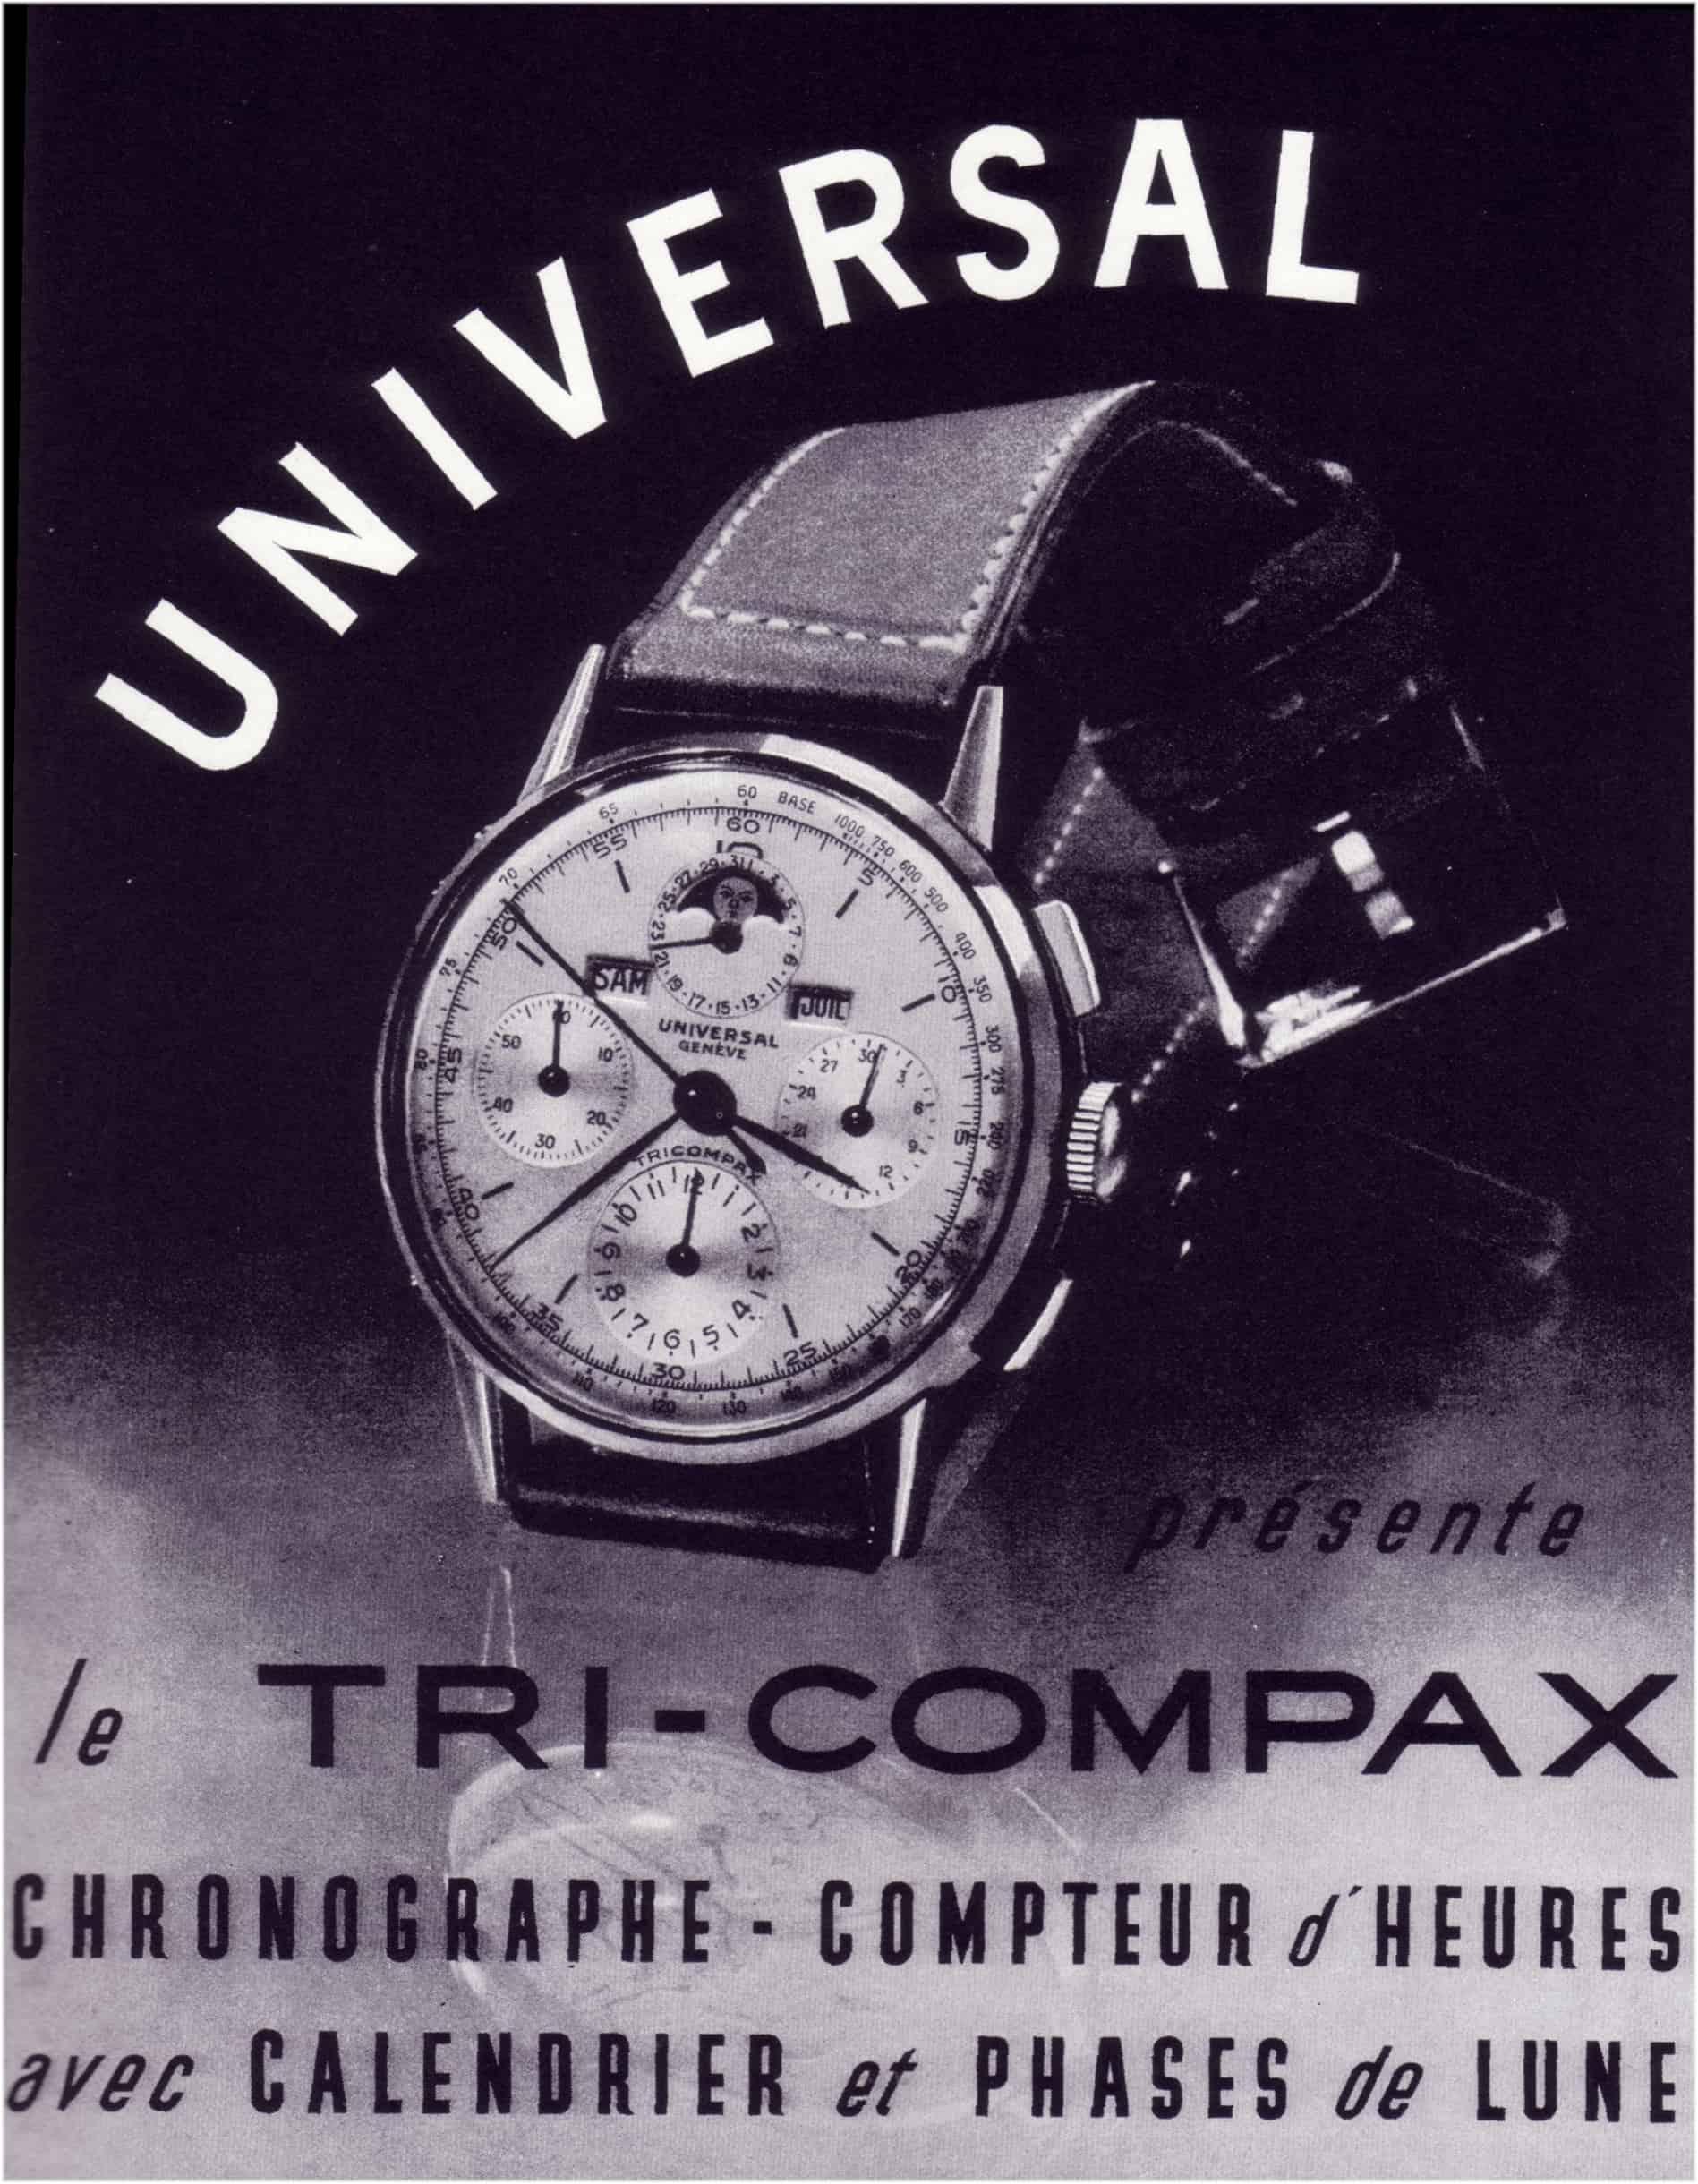 Seit 1944 belegt: der Tri-Compax von Universal Genève. Eine Armbanduhr, drei Funktionen